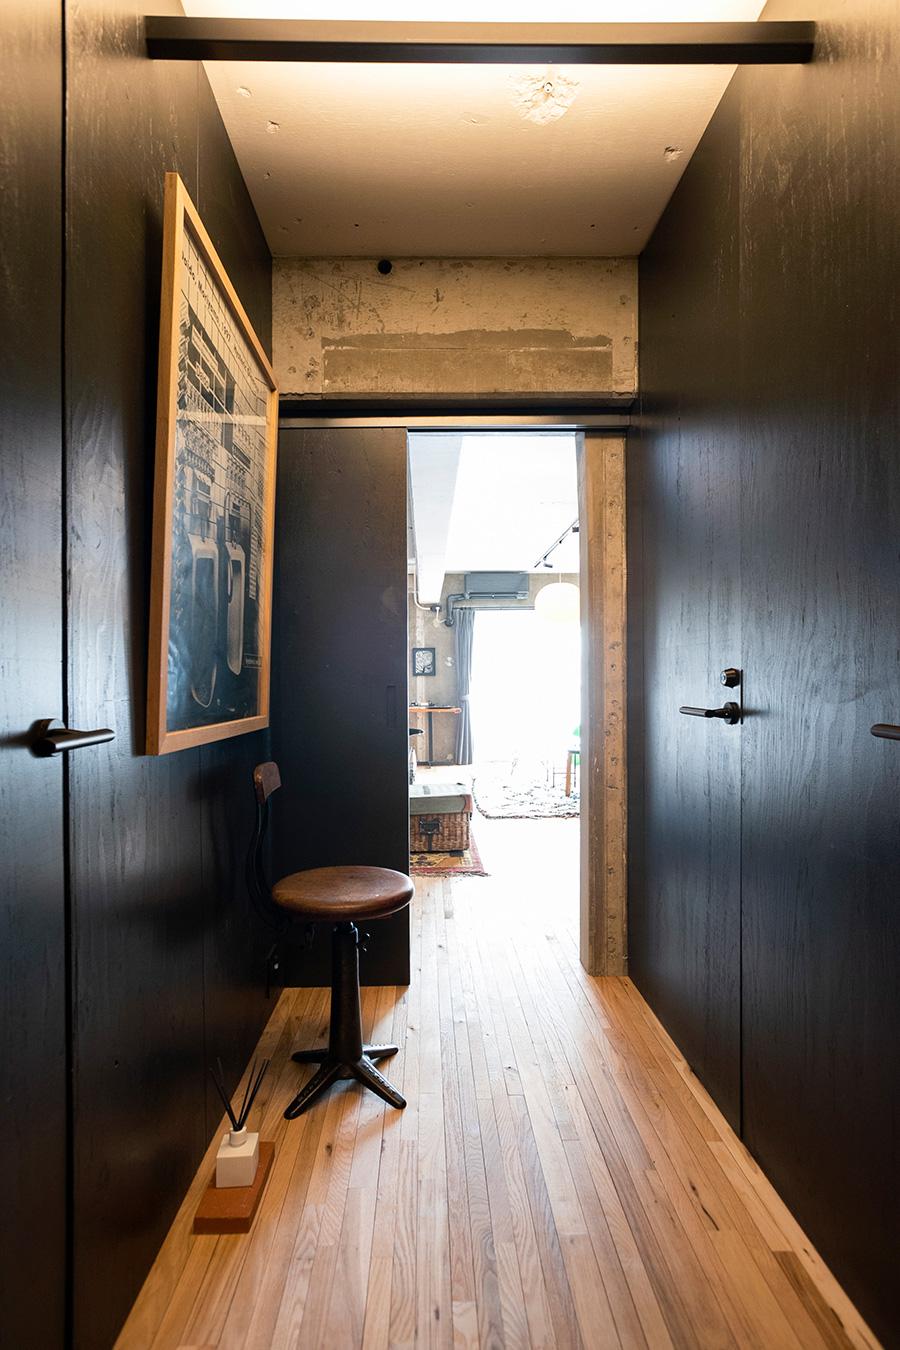 黒塀に包まれた廊下。細くシャープな床板がリビングまで続いている。構造壁をあえて出して個性的に。hysteric Daido vol.8のポスター下の1800年代シンガーミシンのイスは、イスにリクライニング機能をもたせた初期のもので、現在インダストリアル家具のアイコンのひとつになっている。